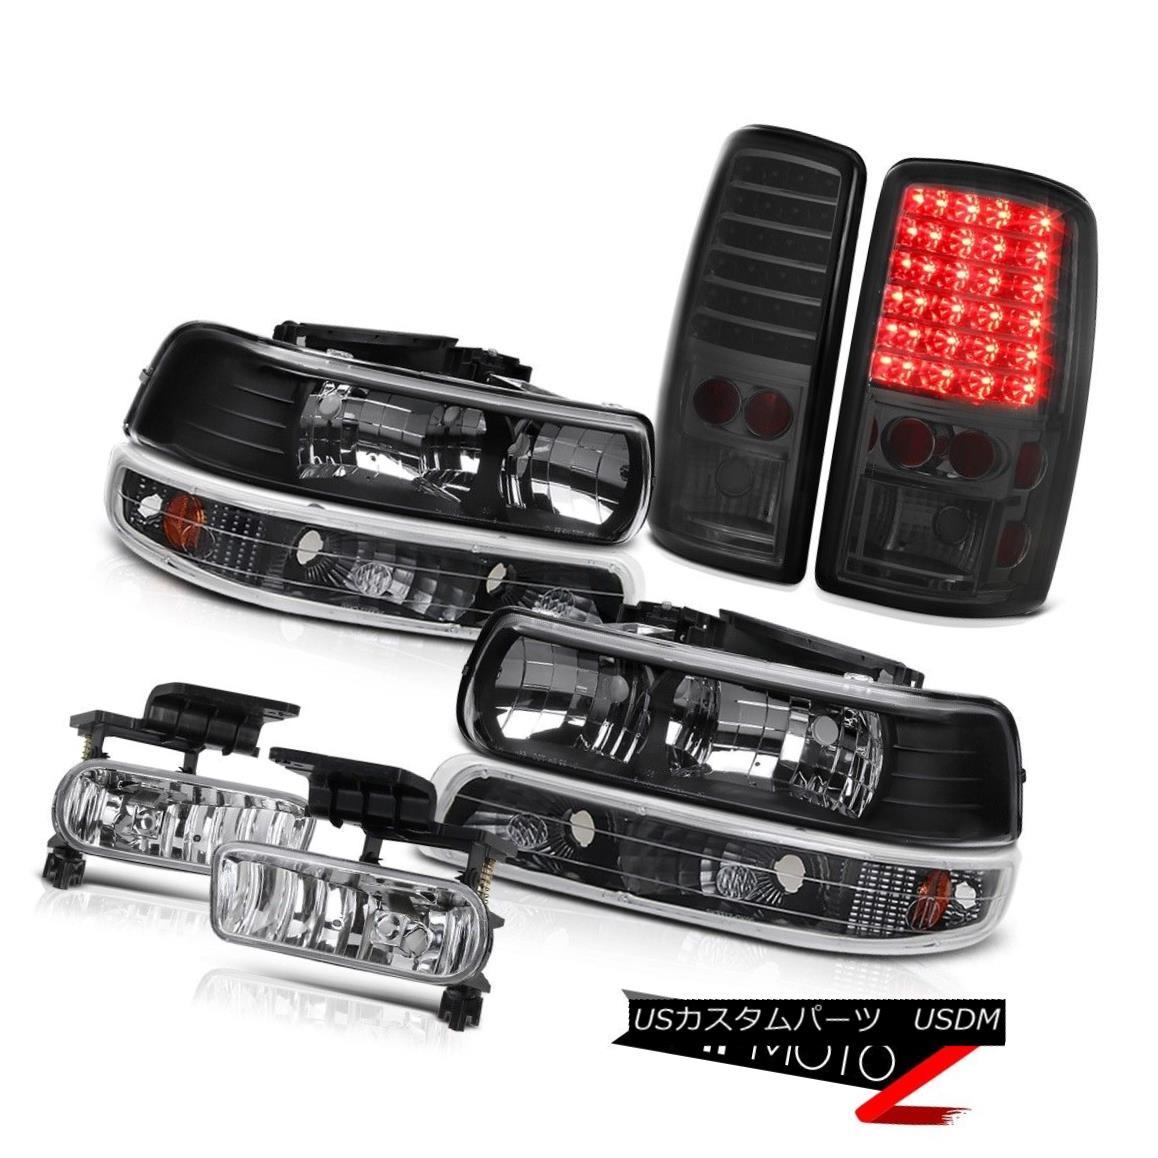 テールライト Black Diamond Headlights LED Tail Lights Chrome Fog 2000-2006 Suburban 6.0L ブラックダイヤモンドヘッドライトLEDテールライトクロムフォグ2000-2006郊外6.0L